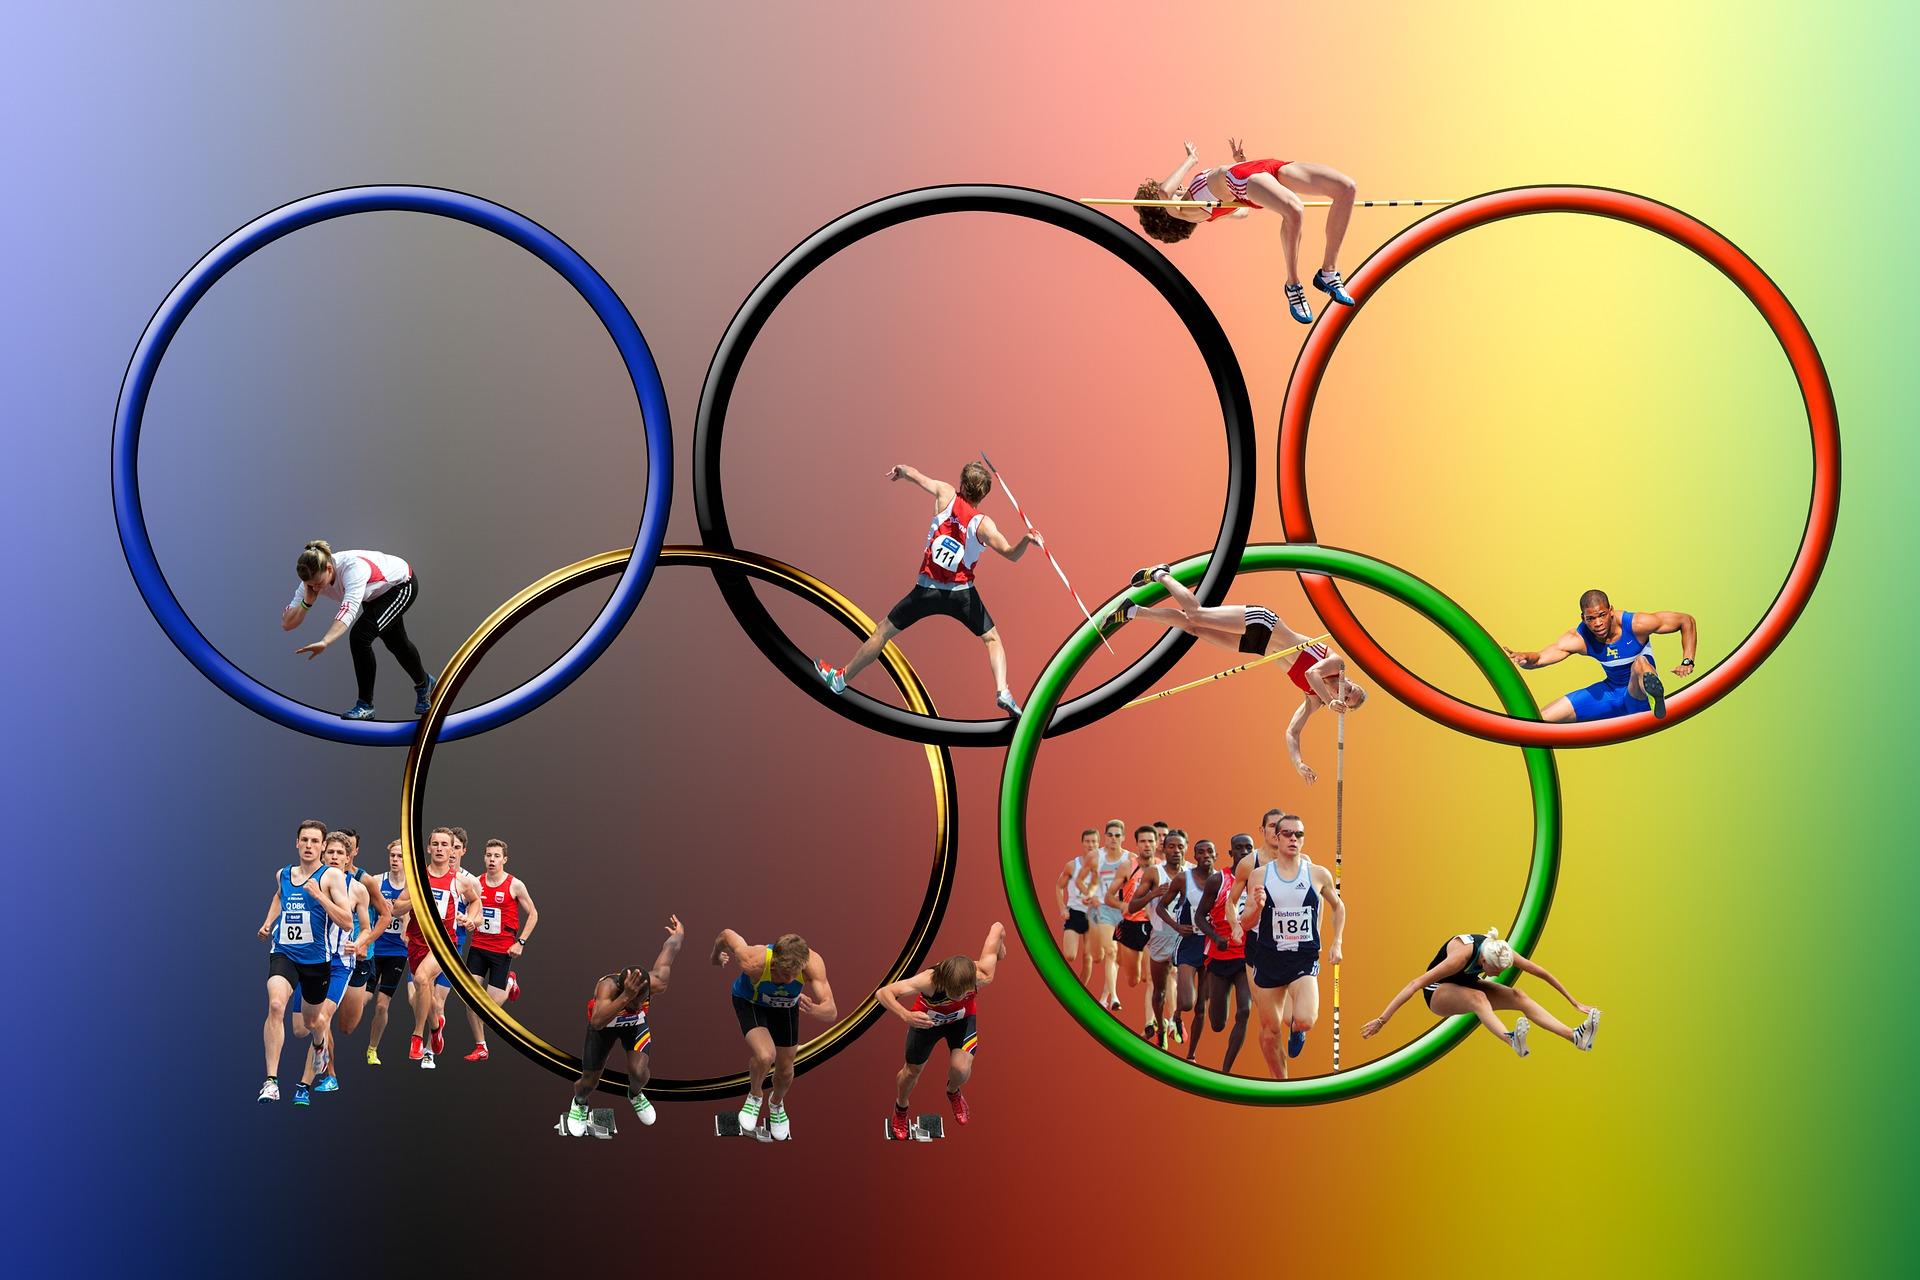 なぜ?eスポーツがオリンピック種目に採用されない理由を解説します